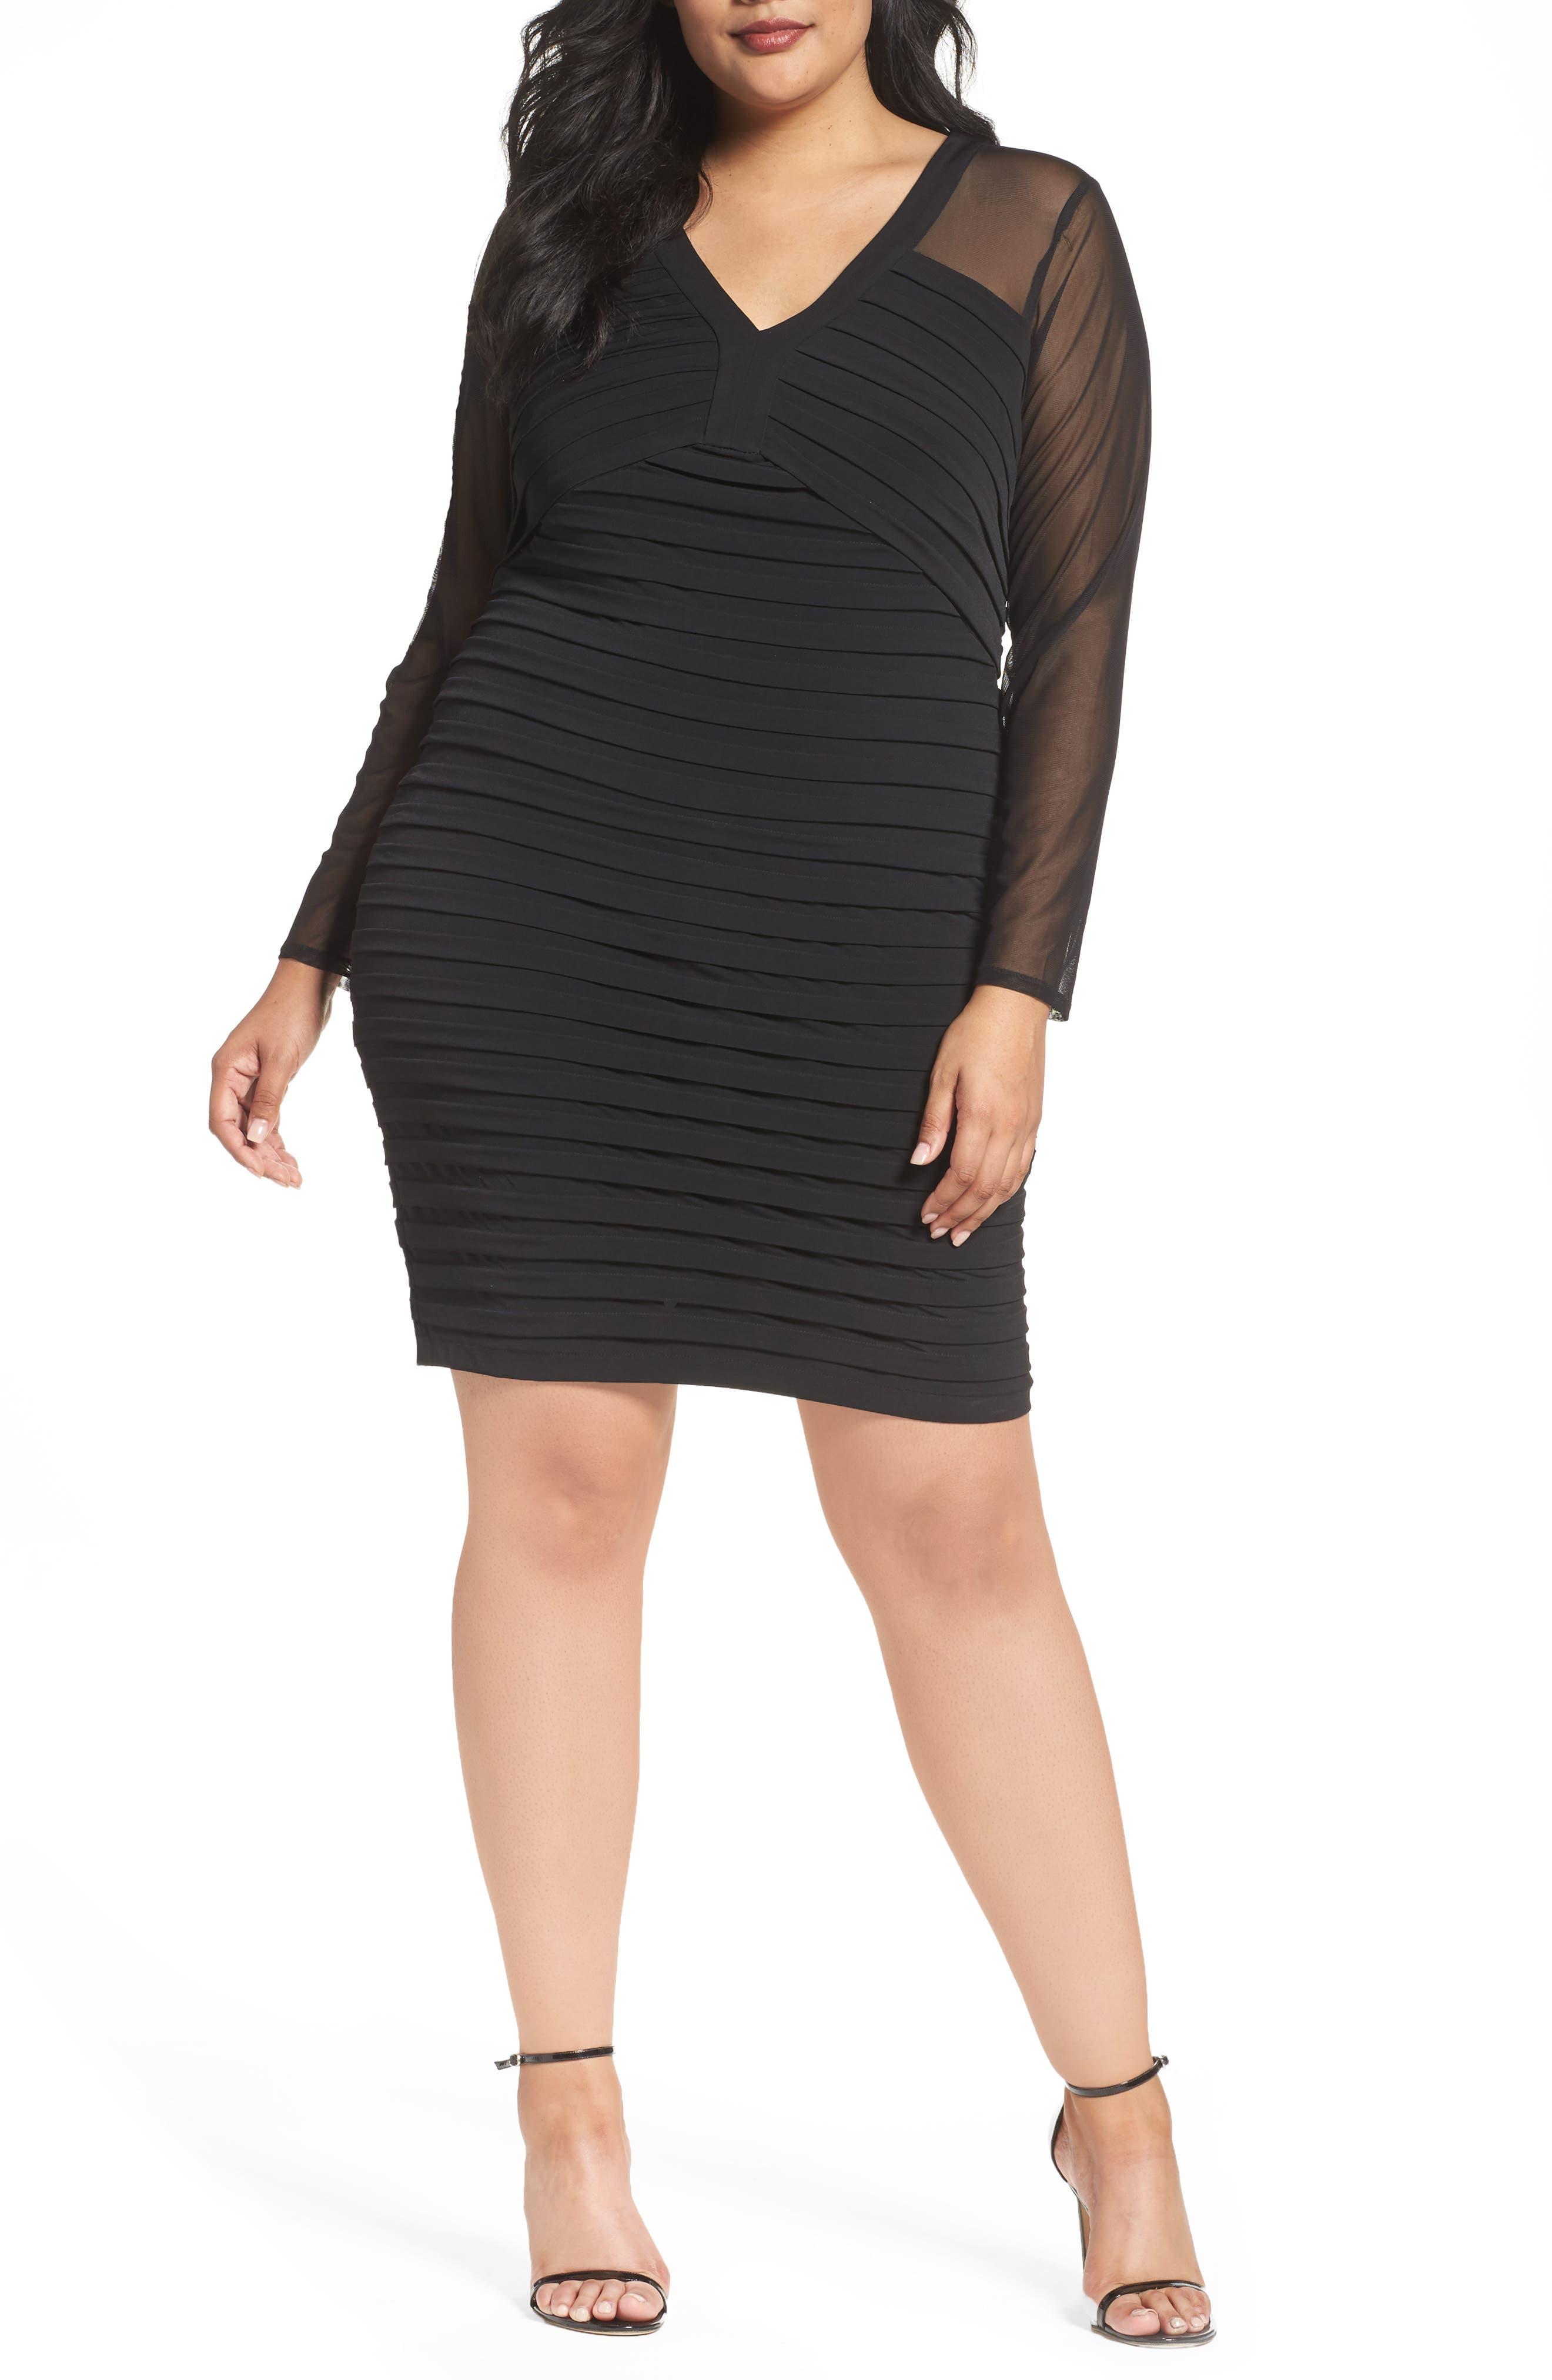 Main Image - London Times Shutter Pleat Jersey Skeath Dress (Plus Size)